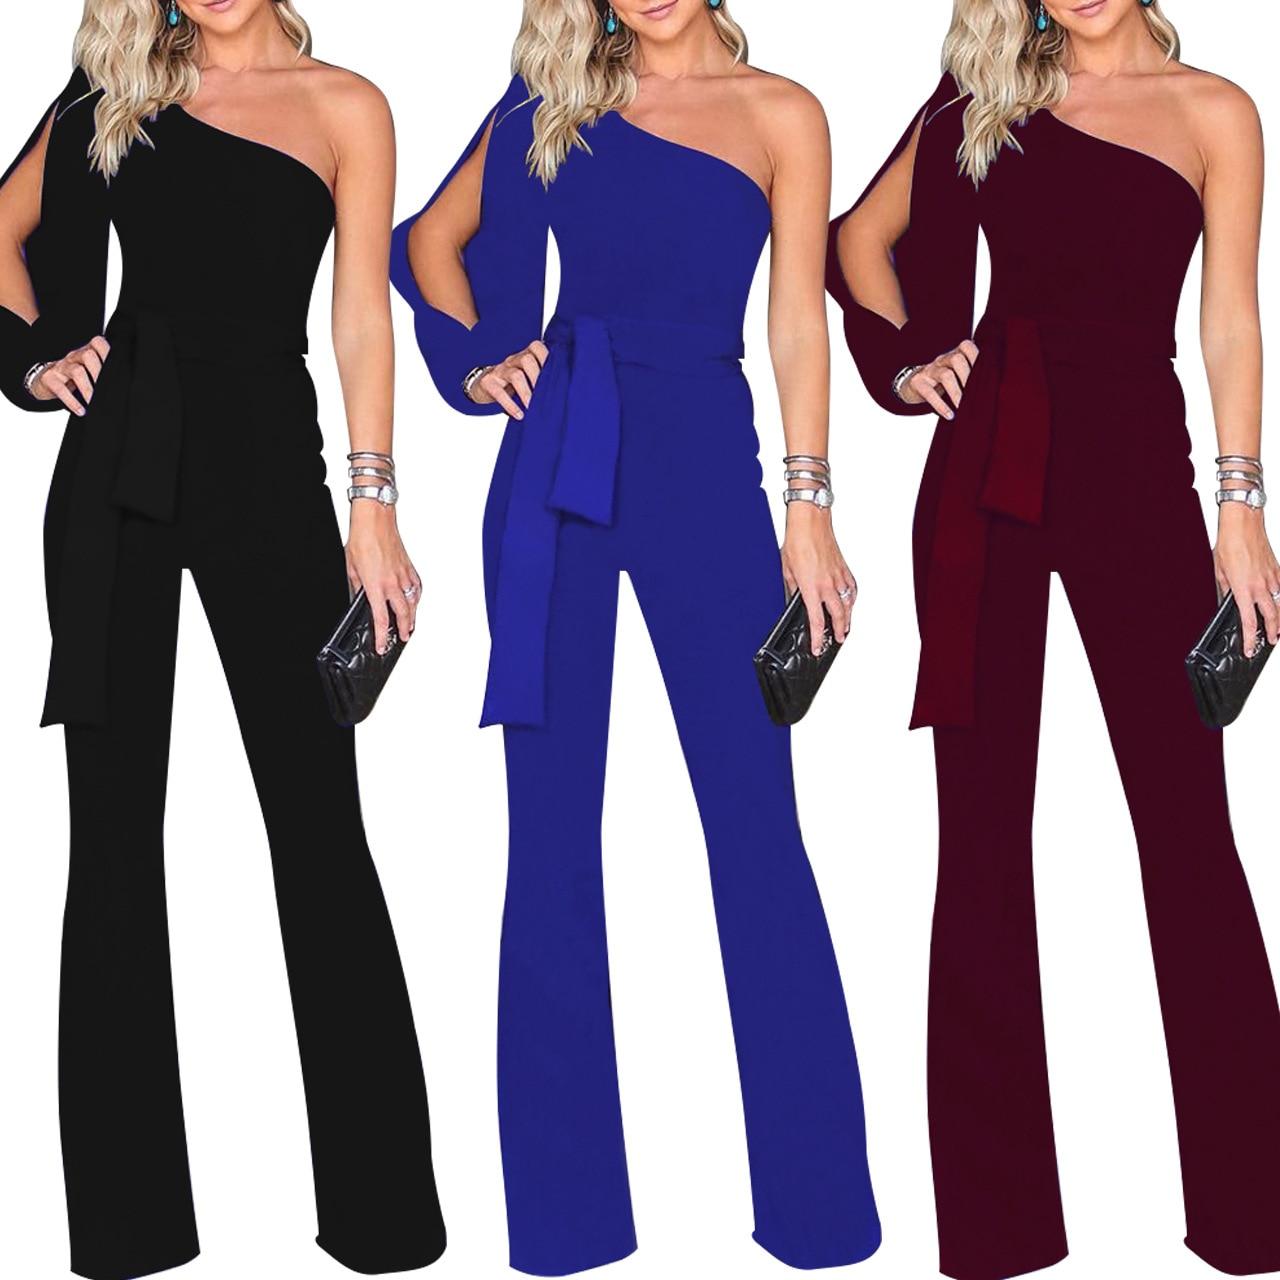 Women's trousers hot sale jumpsuit classic solid color oblique collar button one-piece wide-leg pants women